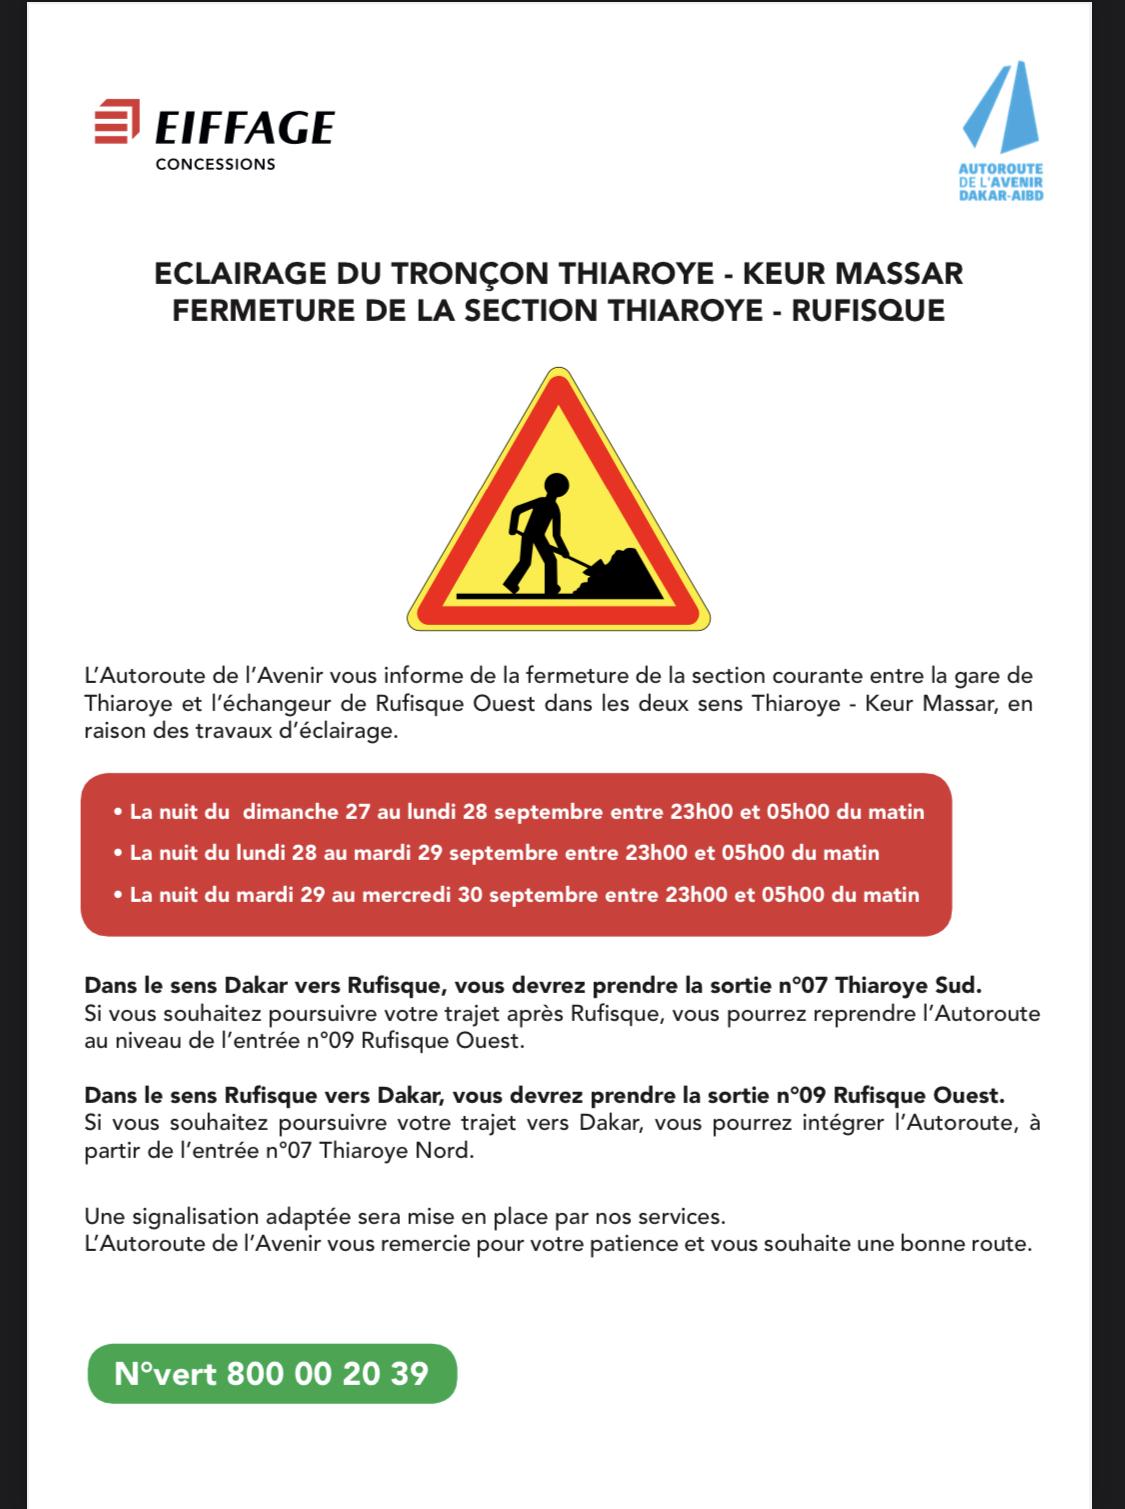 Travaux d'éclairage tronçon Thiaroye-Keur Massar: Jours et heures de fermetures de la section Thiaroye-Rufisque (Autoroute de l'Avenir)